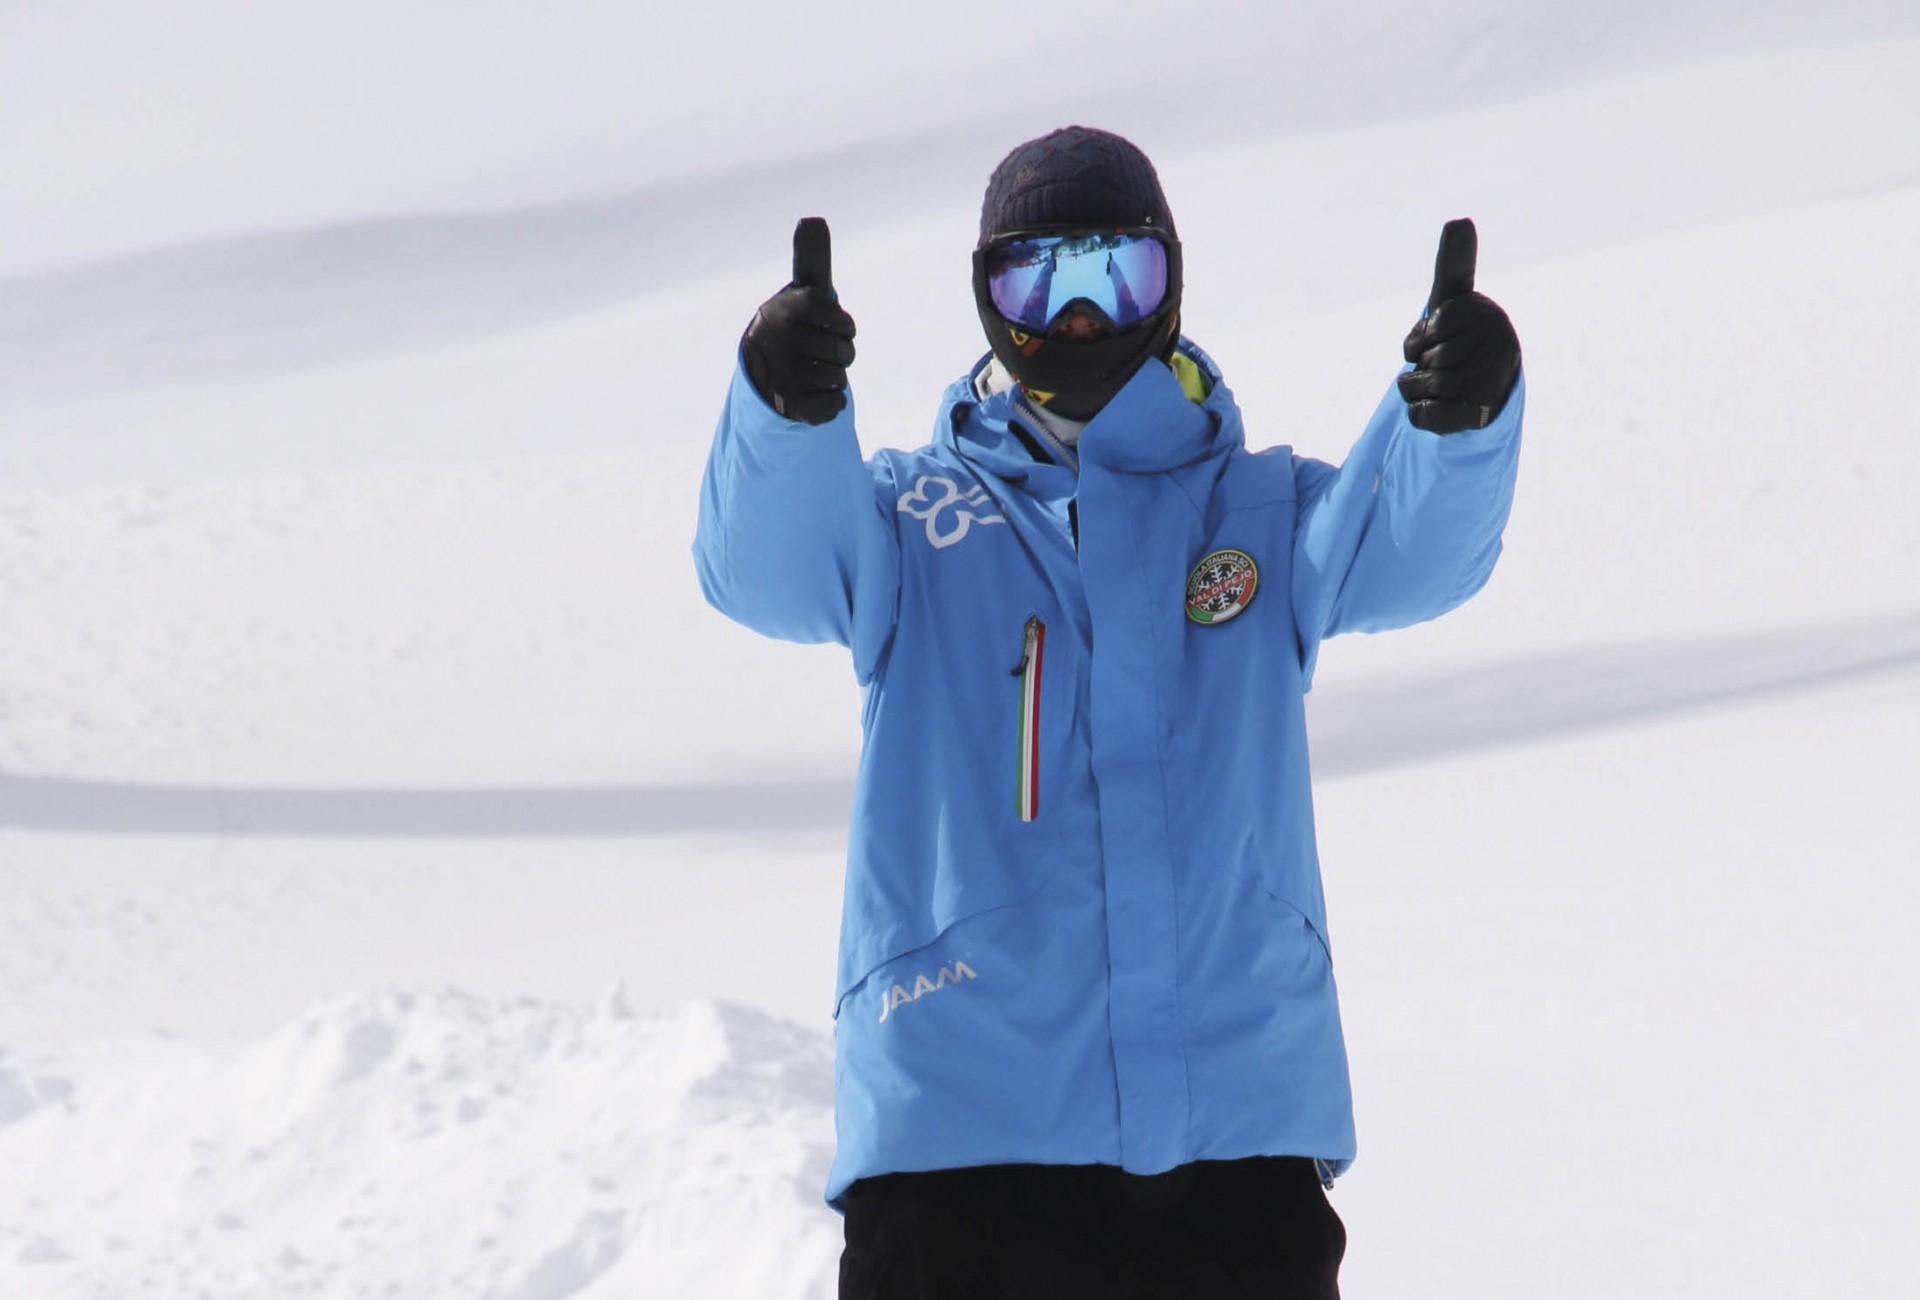 Private Snowboarding